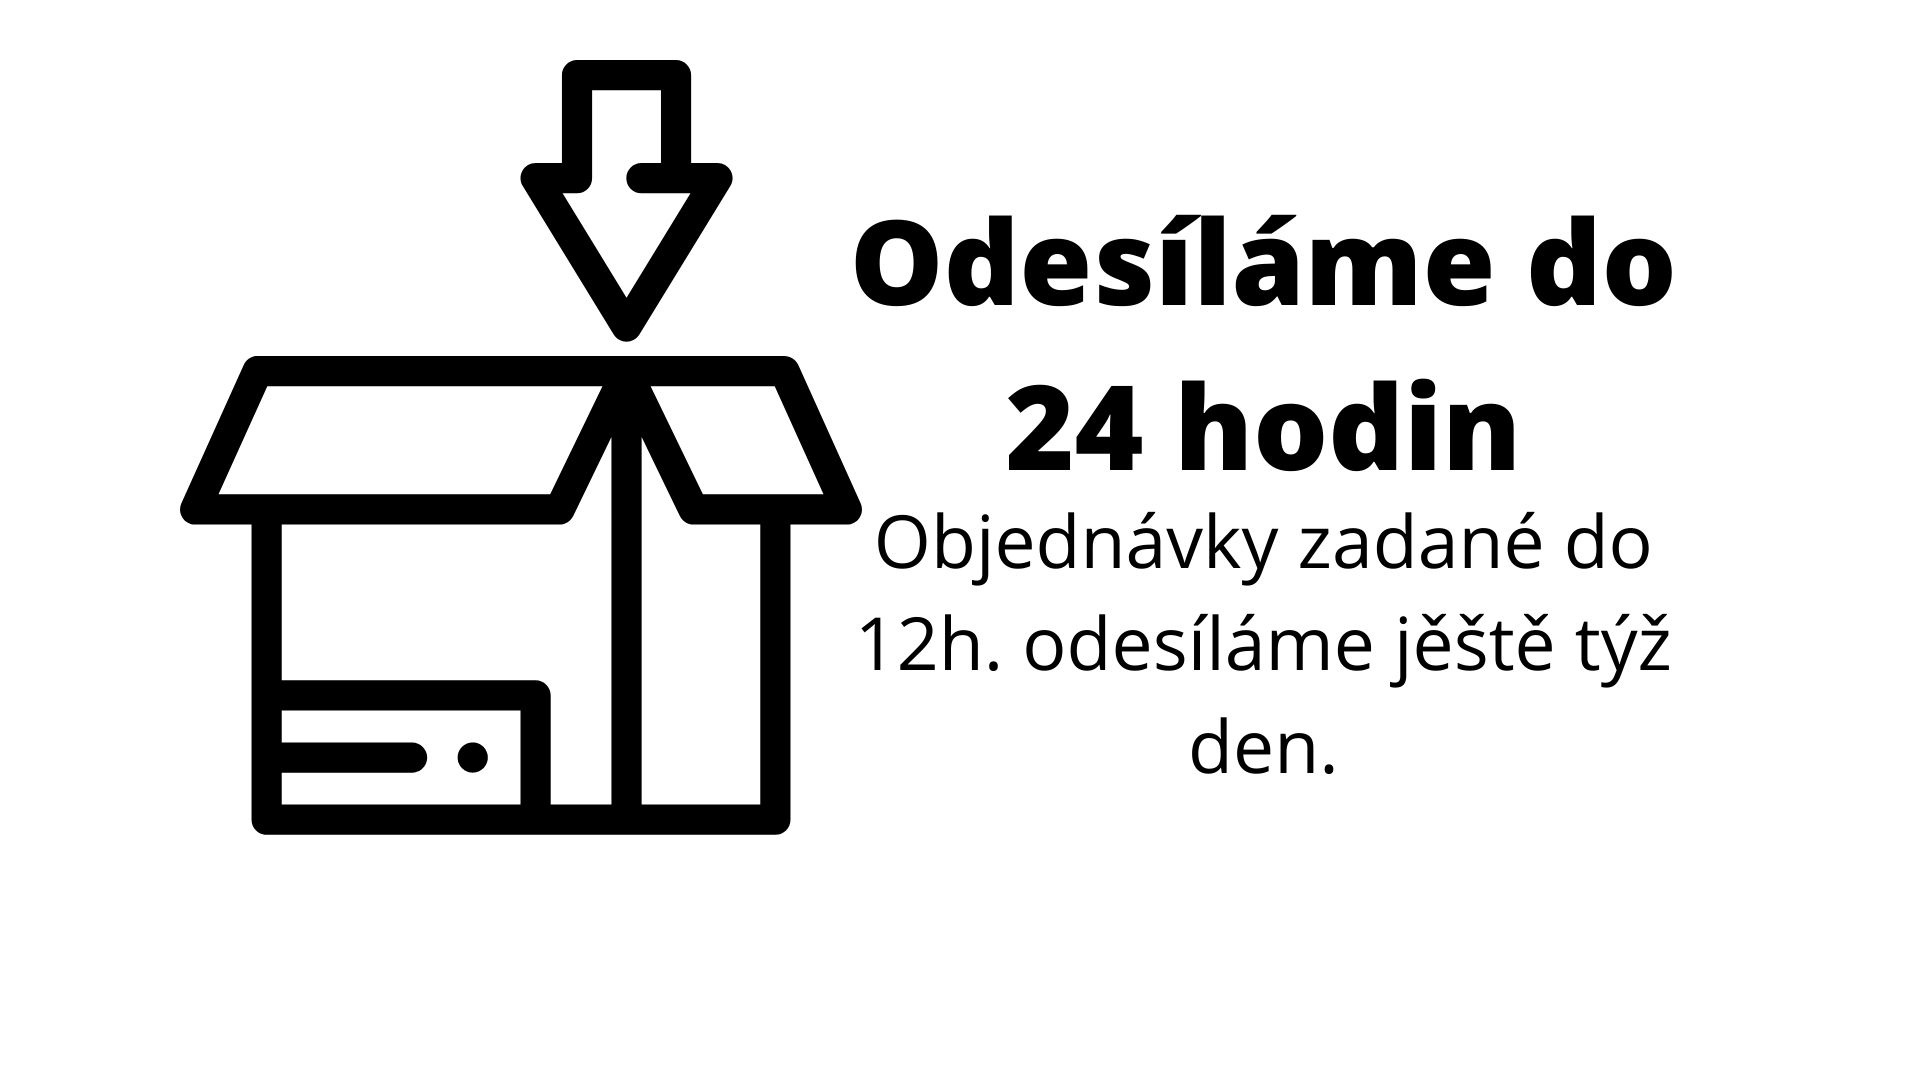 Objednávky zadané do 12h. v pracovní dny odesíláme ještě týž den.